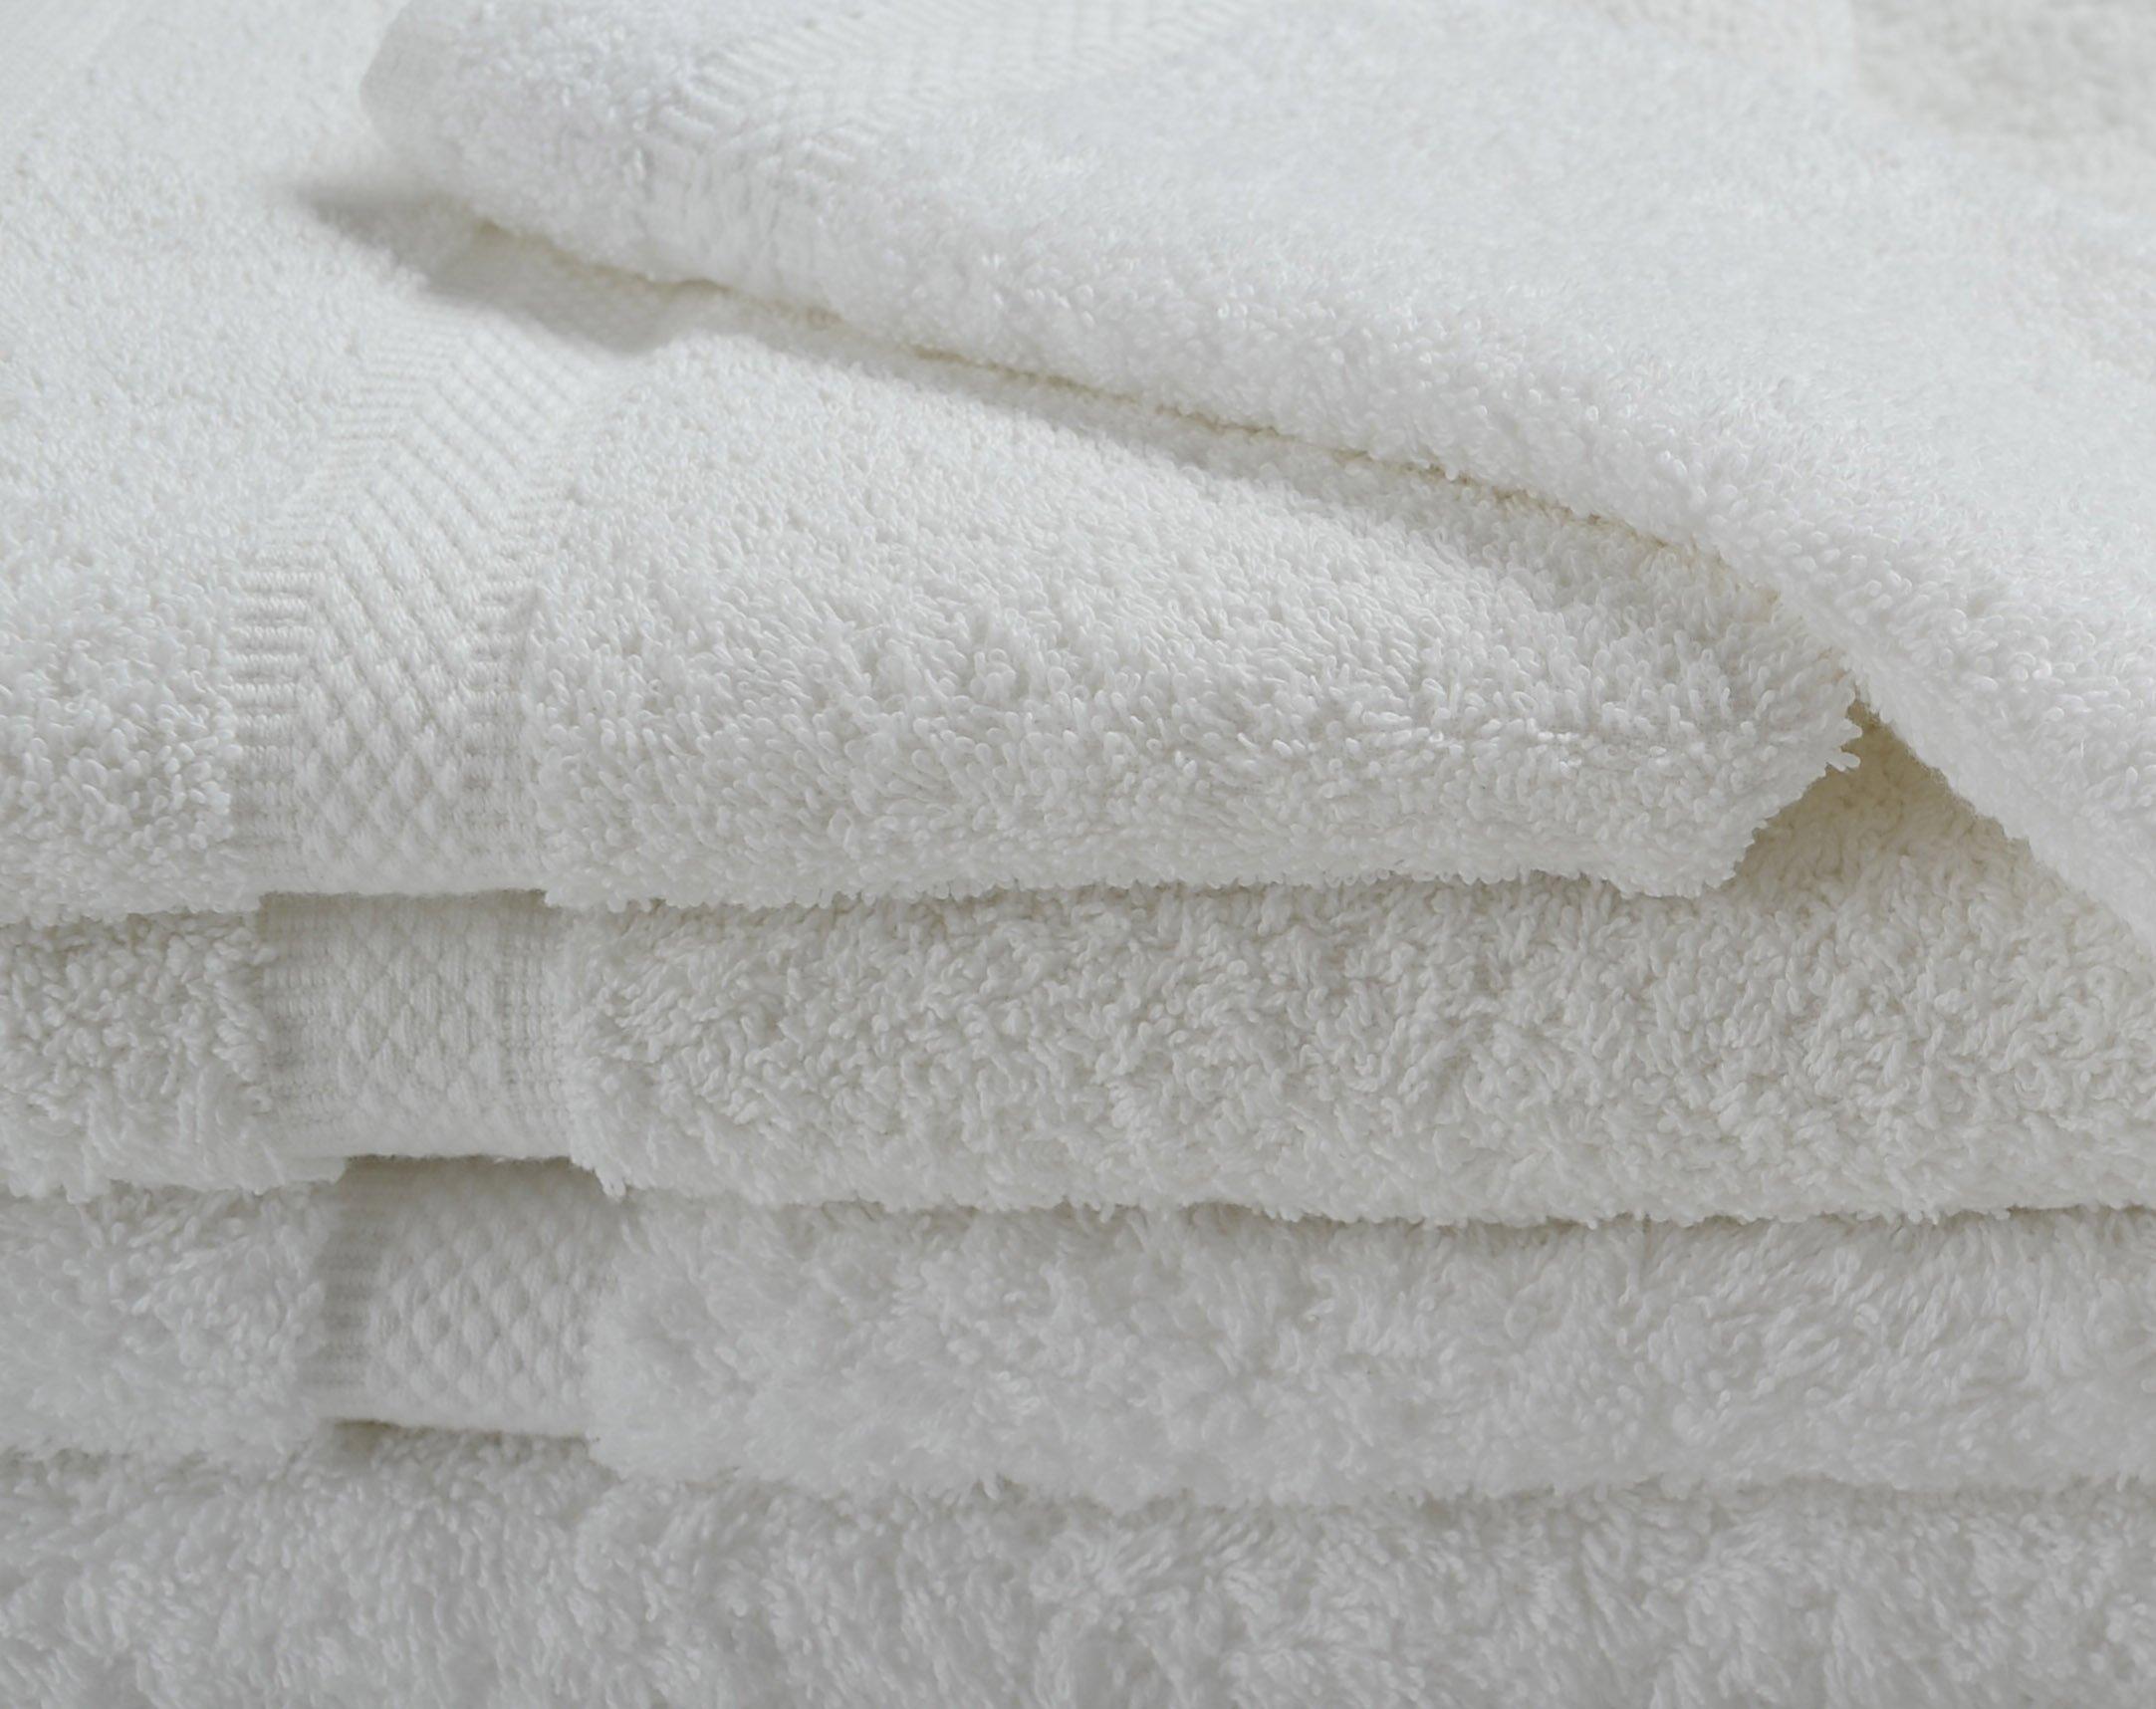 Hotel Oxford Imperiale Pool Towels 35x70 100% Premio Ringspun Cotton Dobby Border & Dobby Edge White 20 Lb/dz